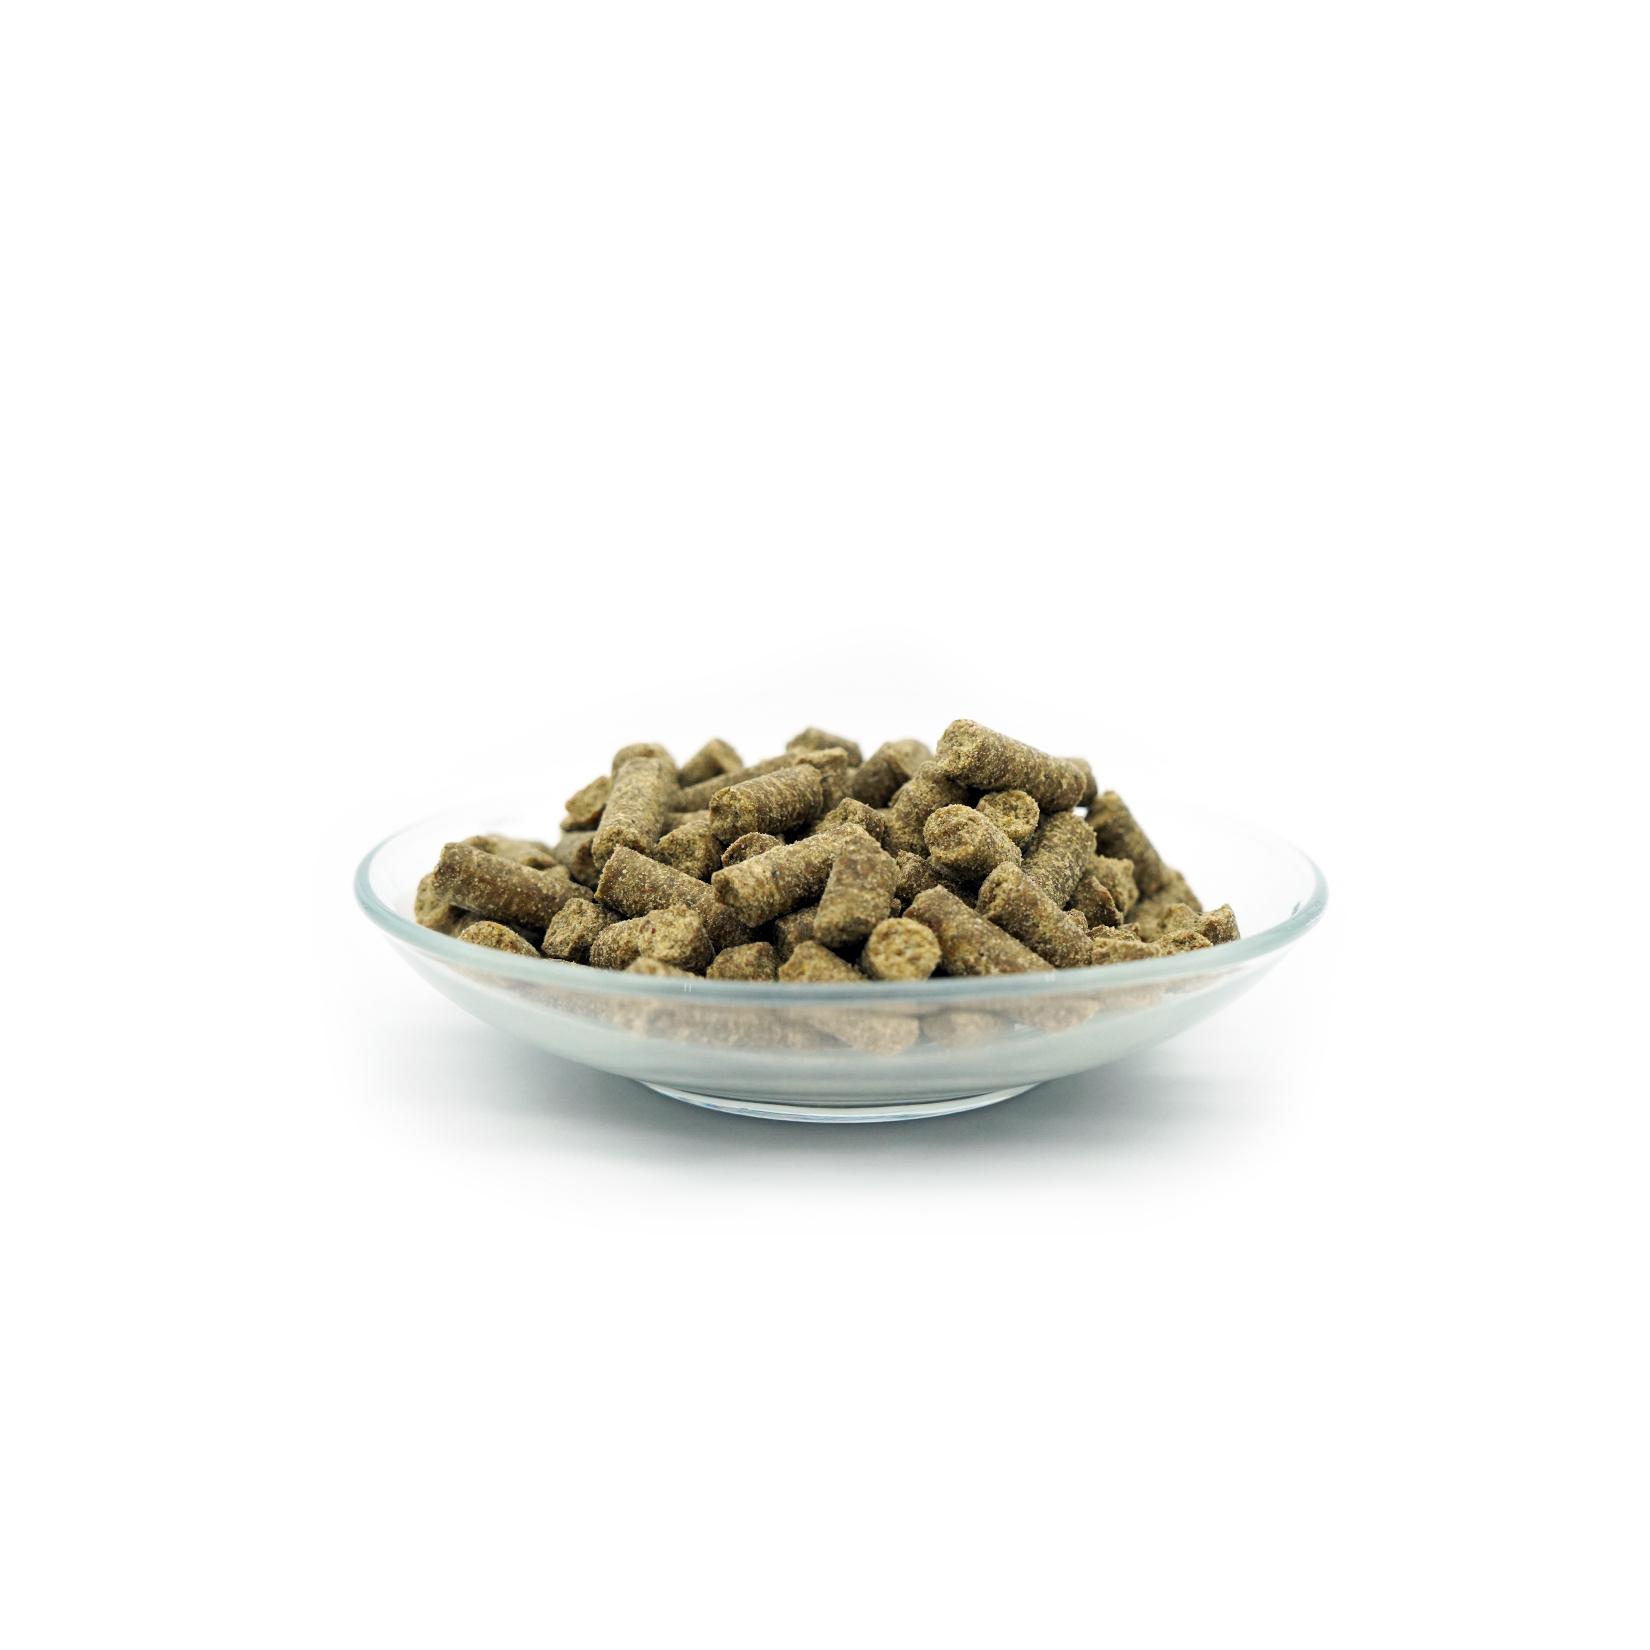 comida-insectos-pellet